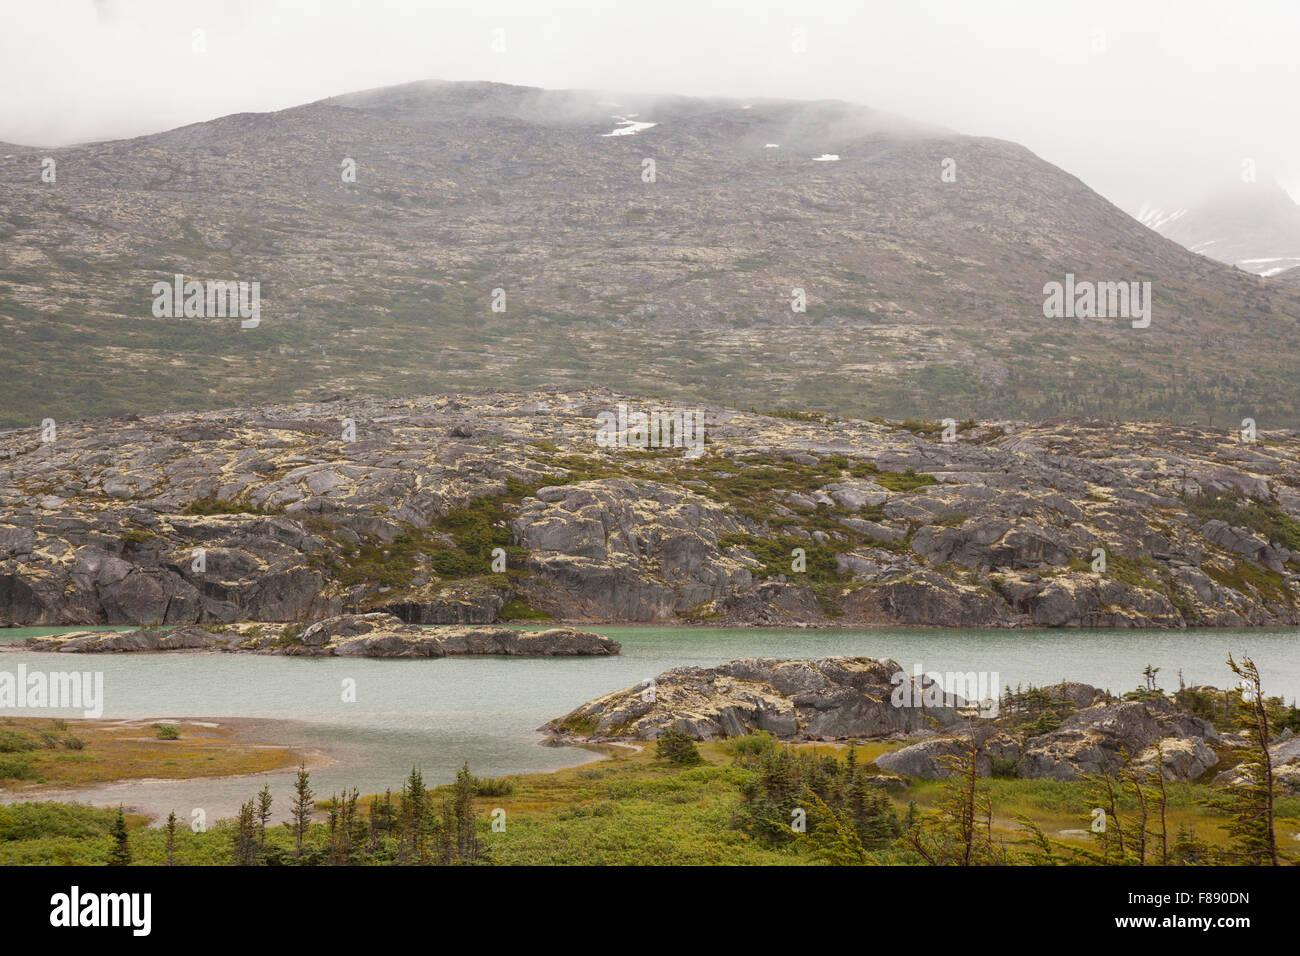 rugged yukon landscape with misty mountains - Stock Image